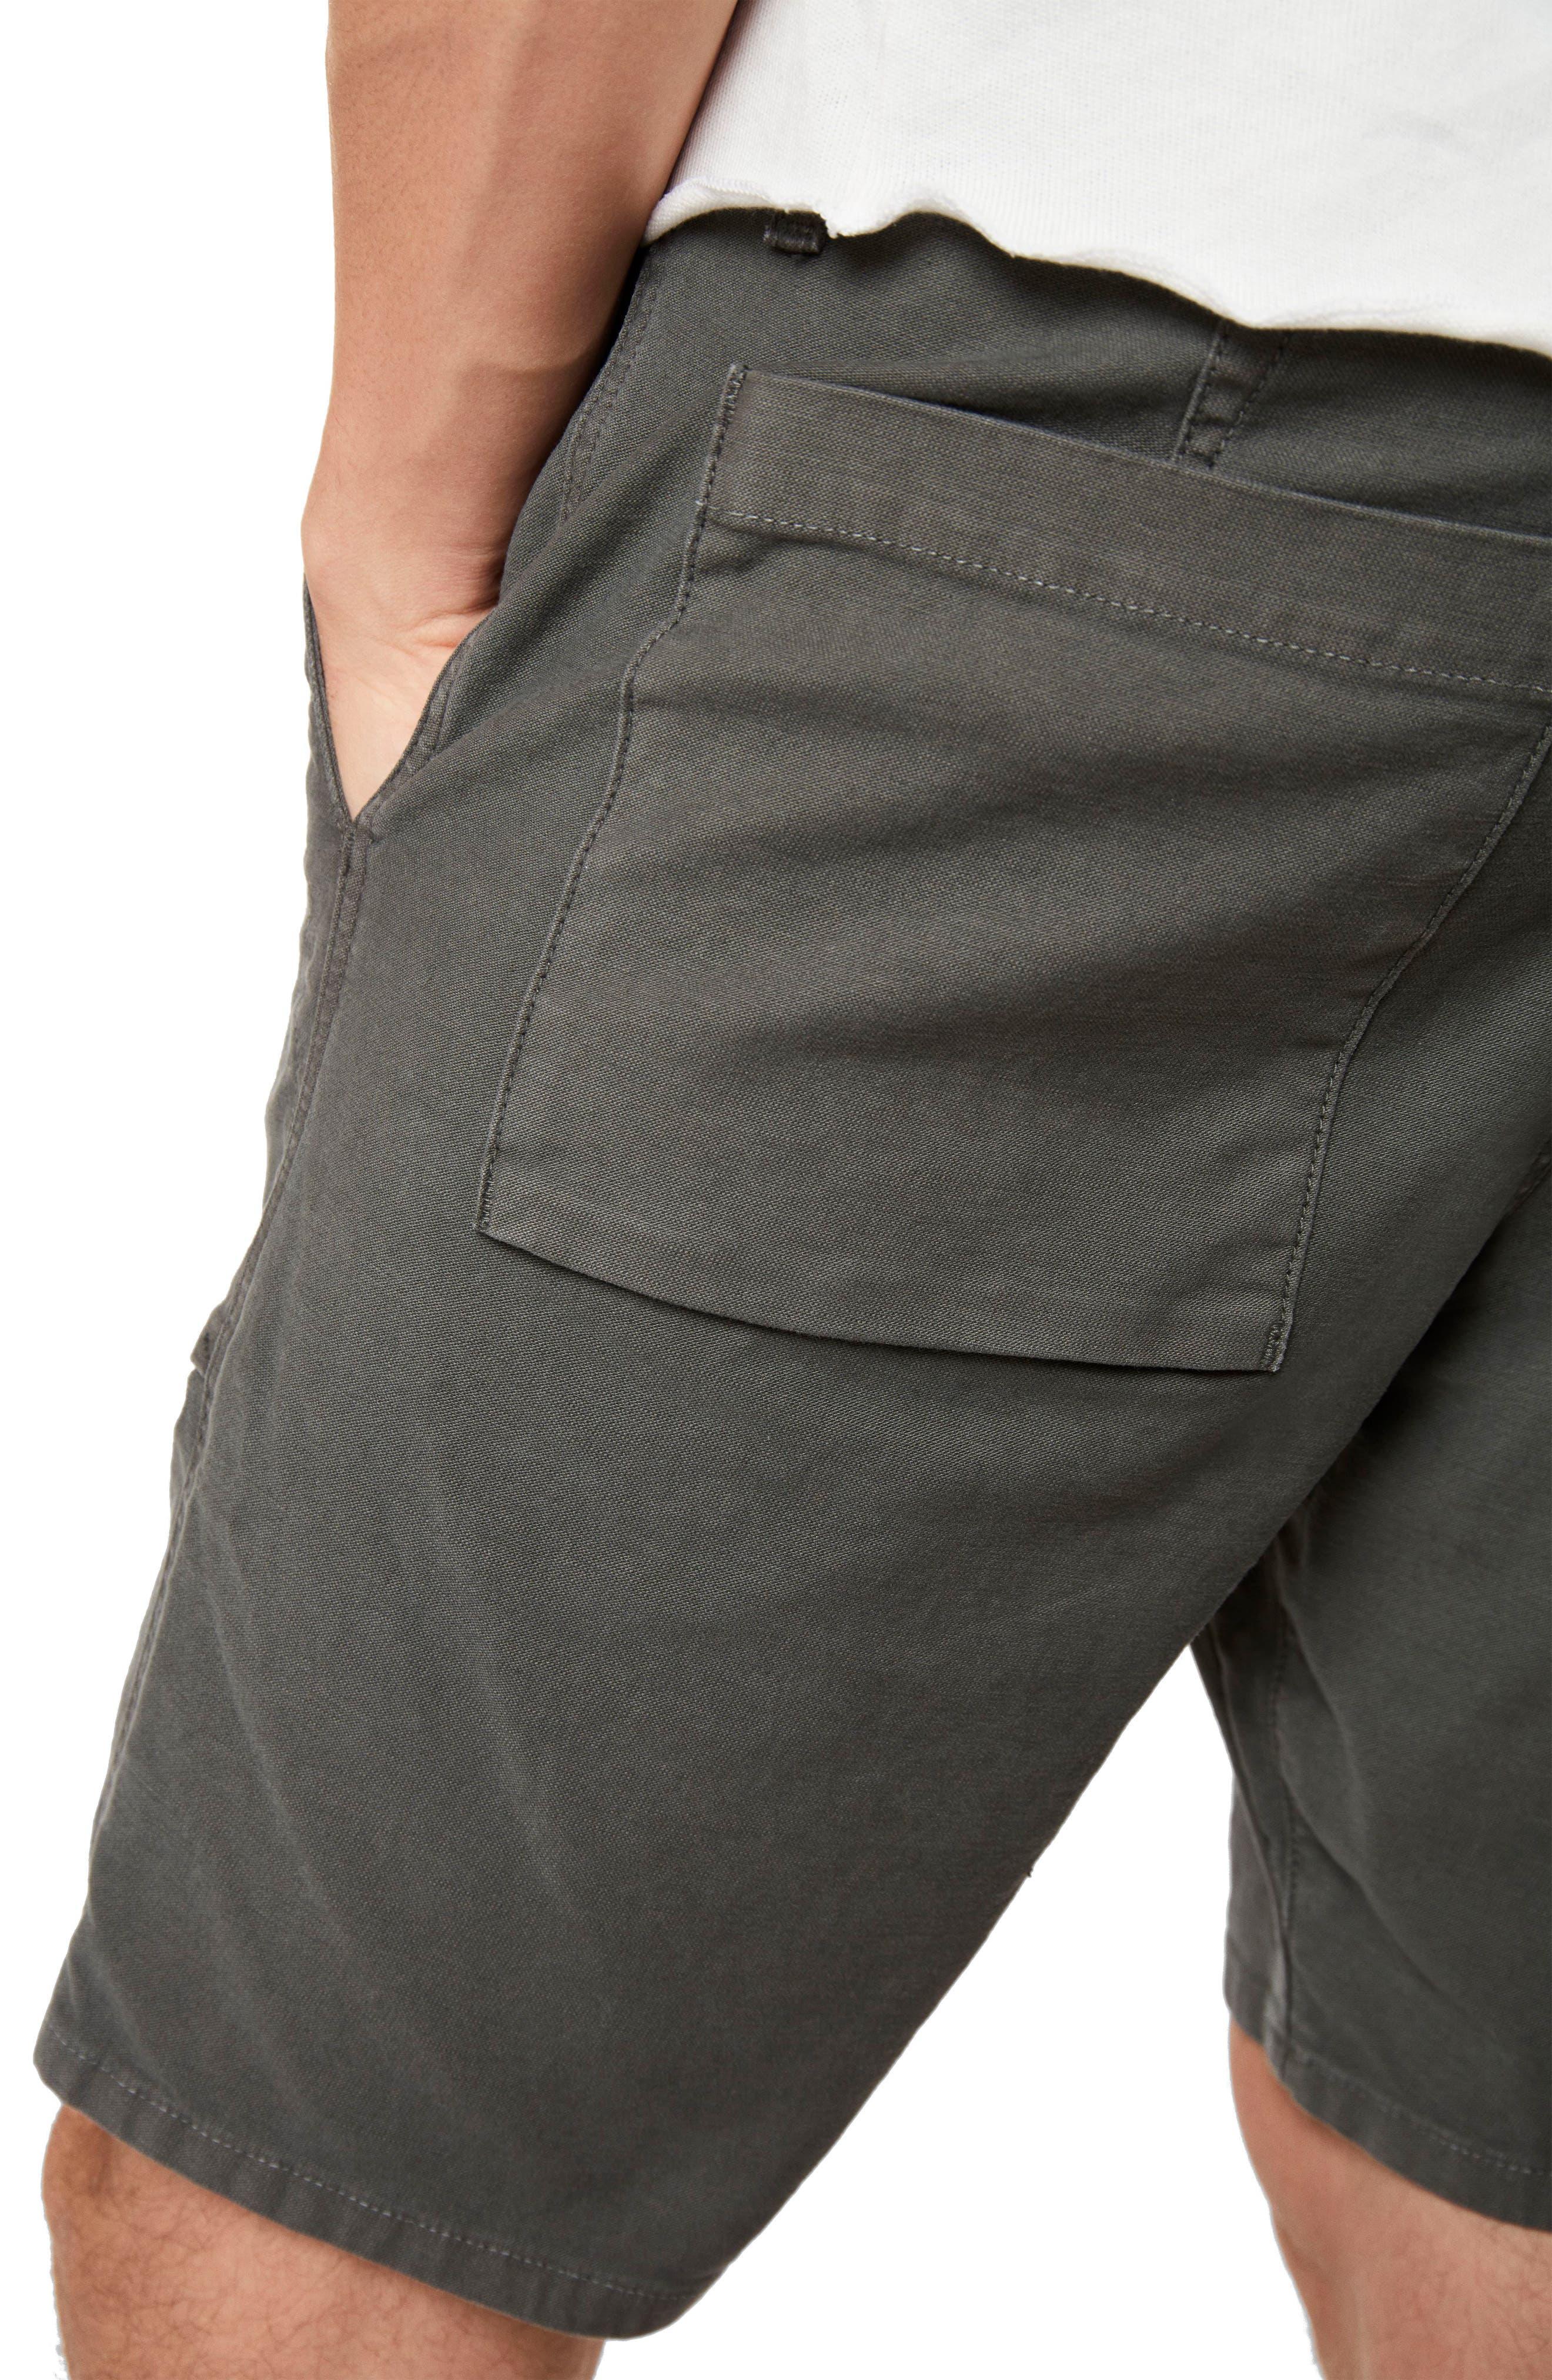 Kontact Shorts,                             Alternate thumbnail 4, color,                             Dull Catapult